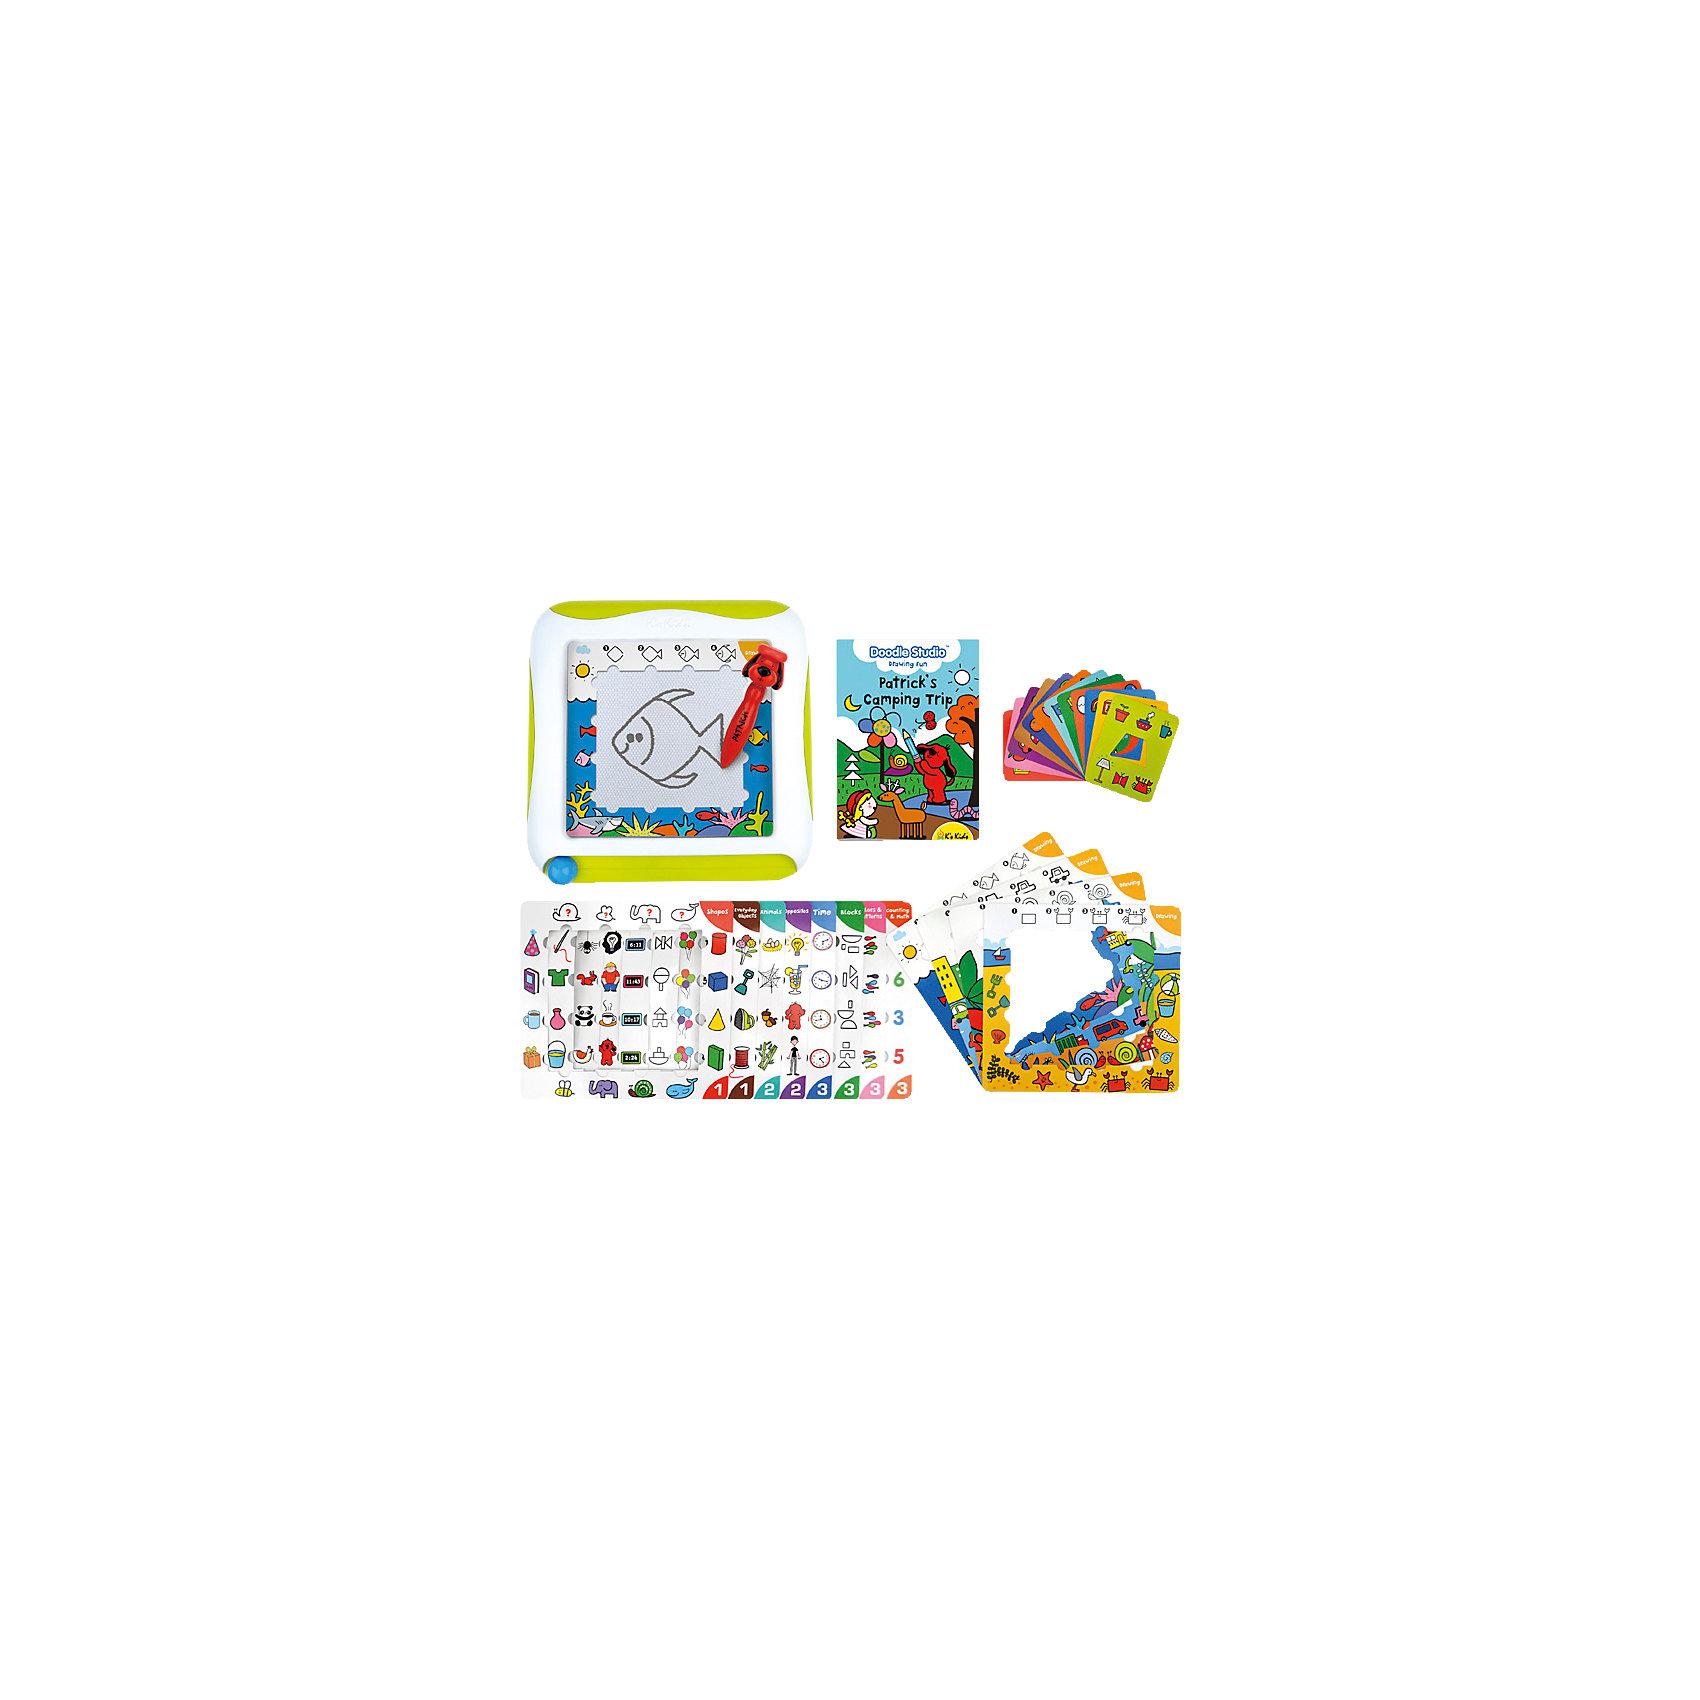 Доска для рисования с обучающими карточками, Ks KidsРазвивающие игрушки<br>Позаботьтесь о гармоничном развитии Вашего ребенка с развивающими игрушками K's Kids (Кис Кидс)! Игрушки K's Kids (Кис Кидс) создаются при участии психологов и экспертов по детскому развитию, чтобы дошкольники получали полезные навыки в форме увлекательных игр. Доска для рисования с обучающими карточками Ks Kids (Кис Кидс) - позволит малышам увлекательно проводить время и учиться рисовать. Эта замечательная доска прослужит Вам долго, ведь в ней множество заданий с разным уровнем сложности. Доска очень удобная и компактная, с ее помощью Ваш ребенок будет с пользой проводить время в дороге. Вы можете начинать делать простые упражнения с ребенком 2 лет, постепенно усложняя логические игры по мере освоения простых. Удобное пошаговое руководство расскажет родителям, как использовать красочные трафареты и карточки в обучающих целях. Доска для рисования - идеальное пособие для дошкольников, они научатся хорошо владеть ручкой, что существенно облегчит дальнейшее обучение письму. Доска для рисования Ks Kids (Кис Кидс) поможет развить творческие способности ребенка и весело проводить время.<br><br>Дополнительная информация: <br><br>- В комплекте: магнитная доска, 12 трафаретов, 12 обучающих карточек, ручка для рисования на магнитной доске, пошаговое руководство;<br>- Развивает зрительное восприятие, мелкую моторику, наглядно-образное мышление, память, воображение, творческие способности;<br>- Поможет научиться рисовать;<br>- Поэтапное обучение;<br>- Удобная ручка;<br>- Отличный подарок;<br>- Размер доски: 30 х 30 см;<br>- Размер упаковки: 44 х 7 х 37 см<br><br>Доску для рисования с обучающими карточками, Ks Kids (Кис Кидс) можно купить в нашем интернет-магазине.<br><br>Ширина мм: 440<br>Глубина мм: 70<br>Высота мм: 370<br>Вес г: 1280<br>Возраст от месяцев: 24<br>Возраст до месяцев: 60<br>Пол: Унисекс<br>Возраст: Детский<br>SKU: 4086649